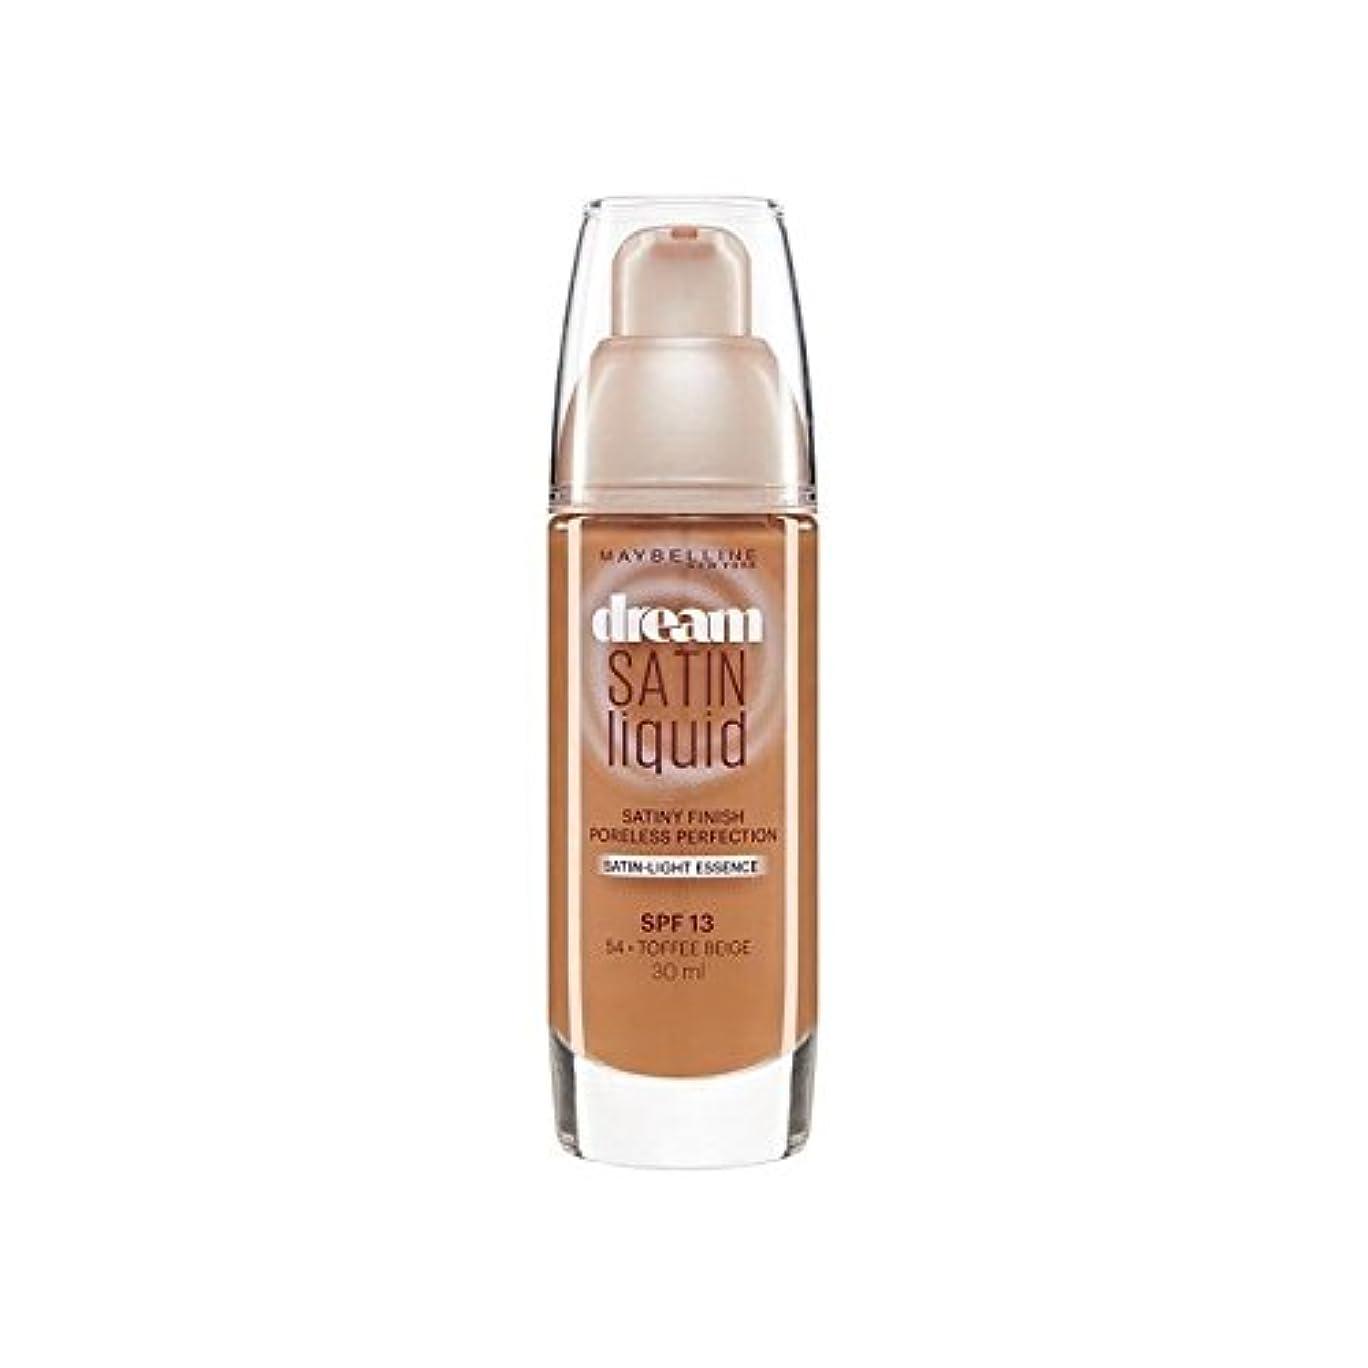 春決定クラシカルMaybelline Dream Satin Liquid Foundation 54 Toffee 30ml (Pack of 6) - メイベリン夢サテンリキッドファンデーション54タフィー30ミリリットル x6 [...